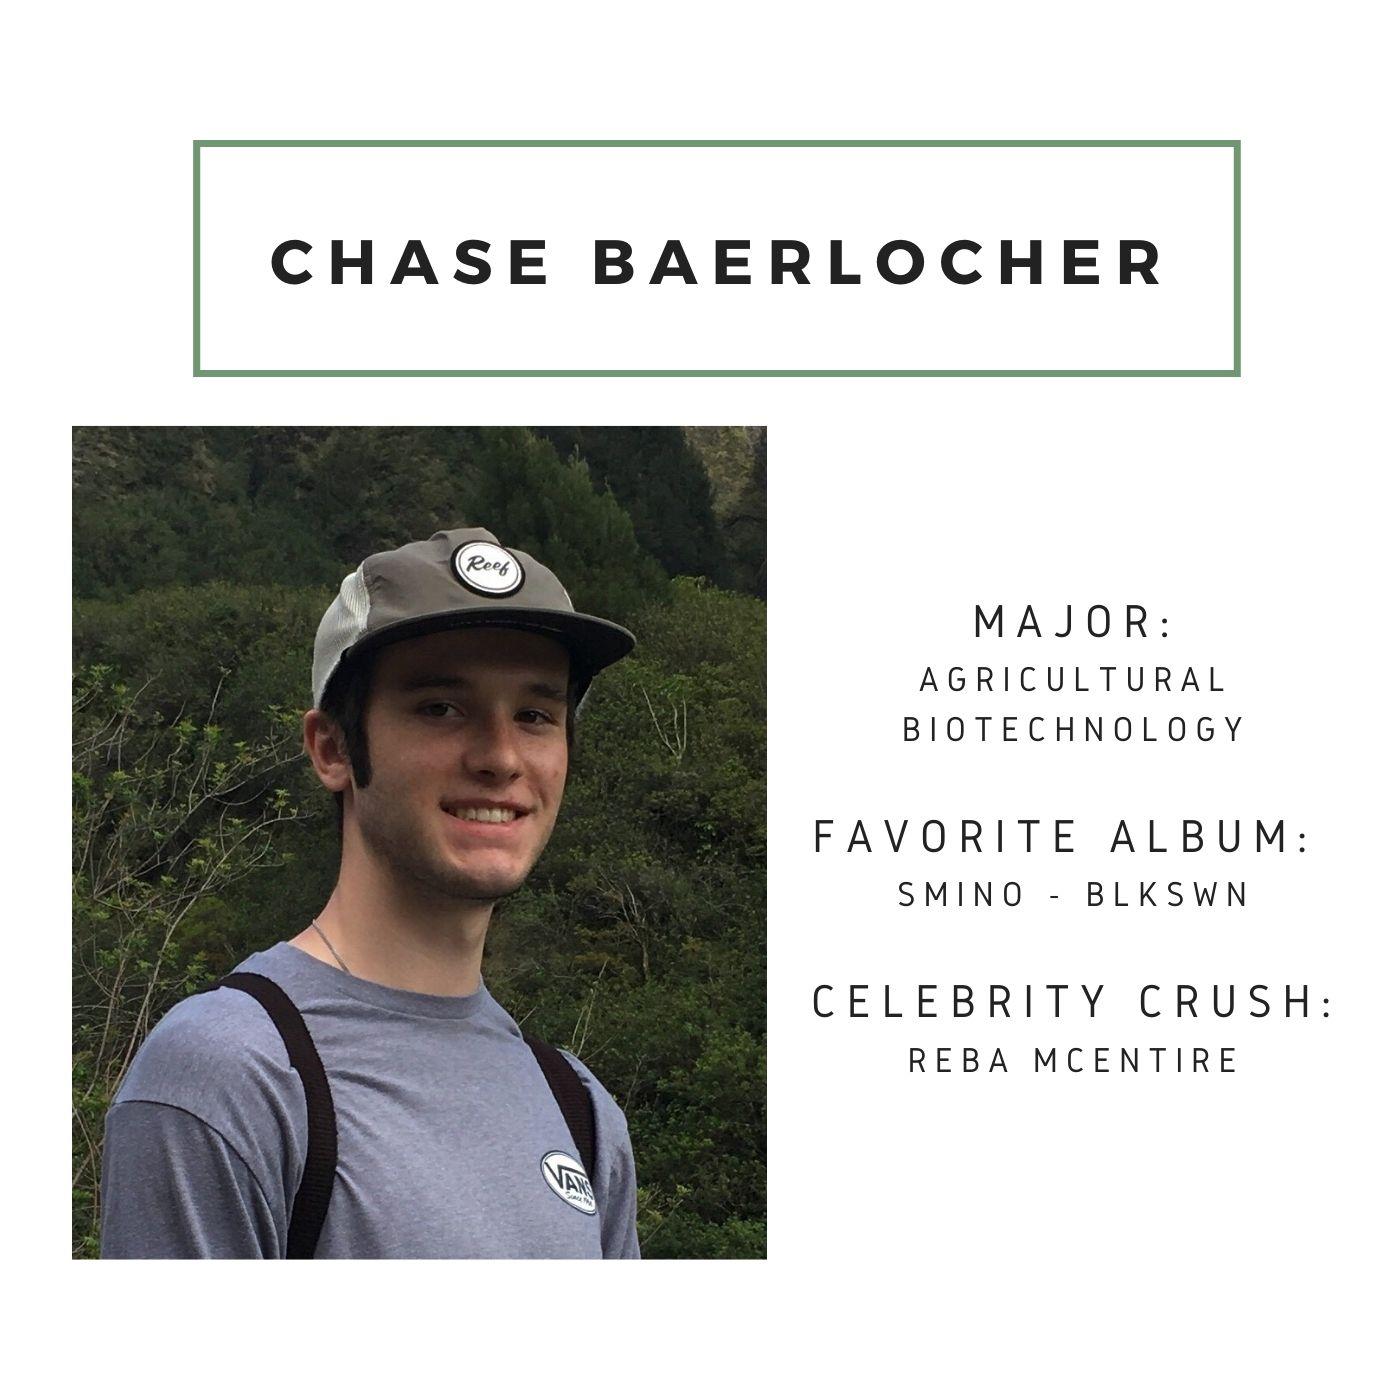 Chase Baerlocher